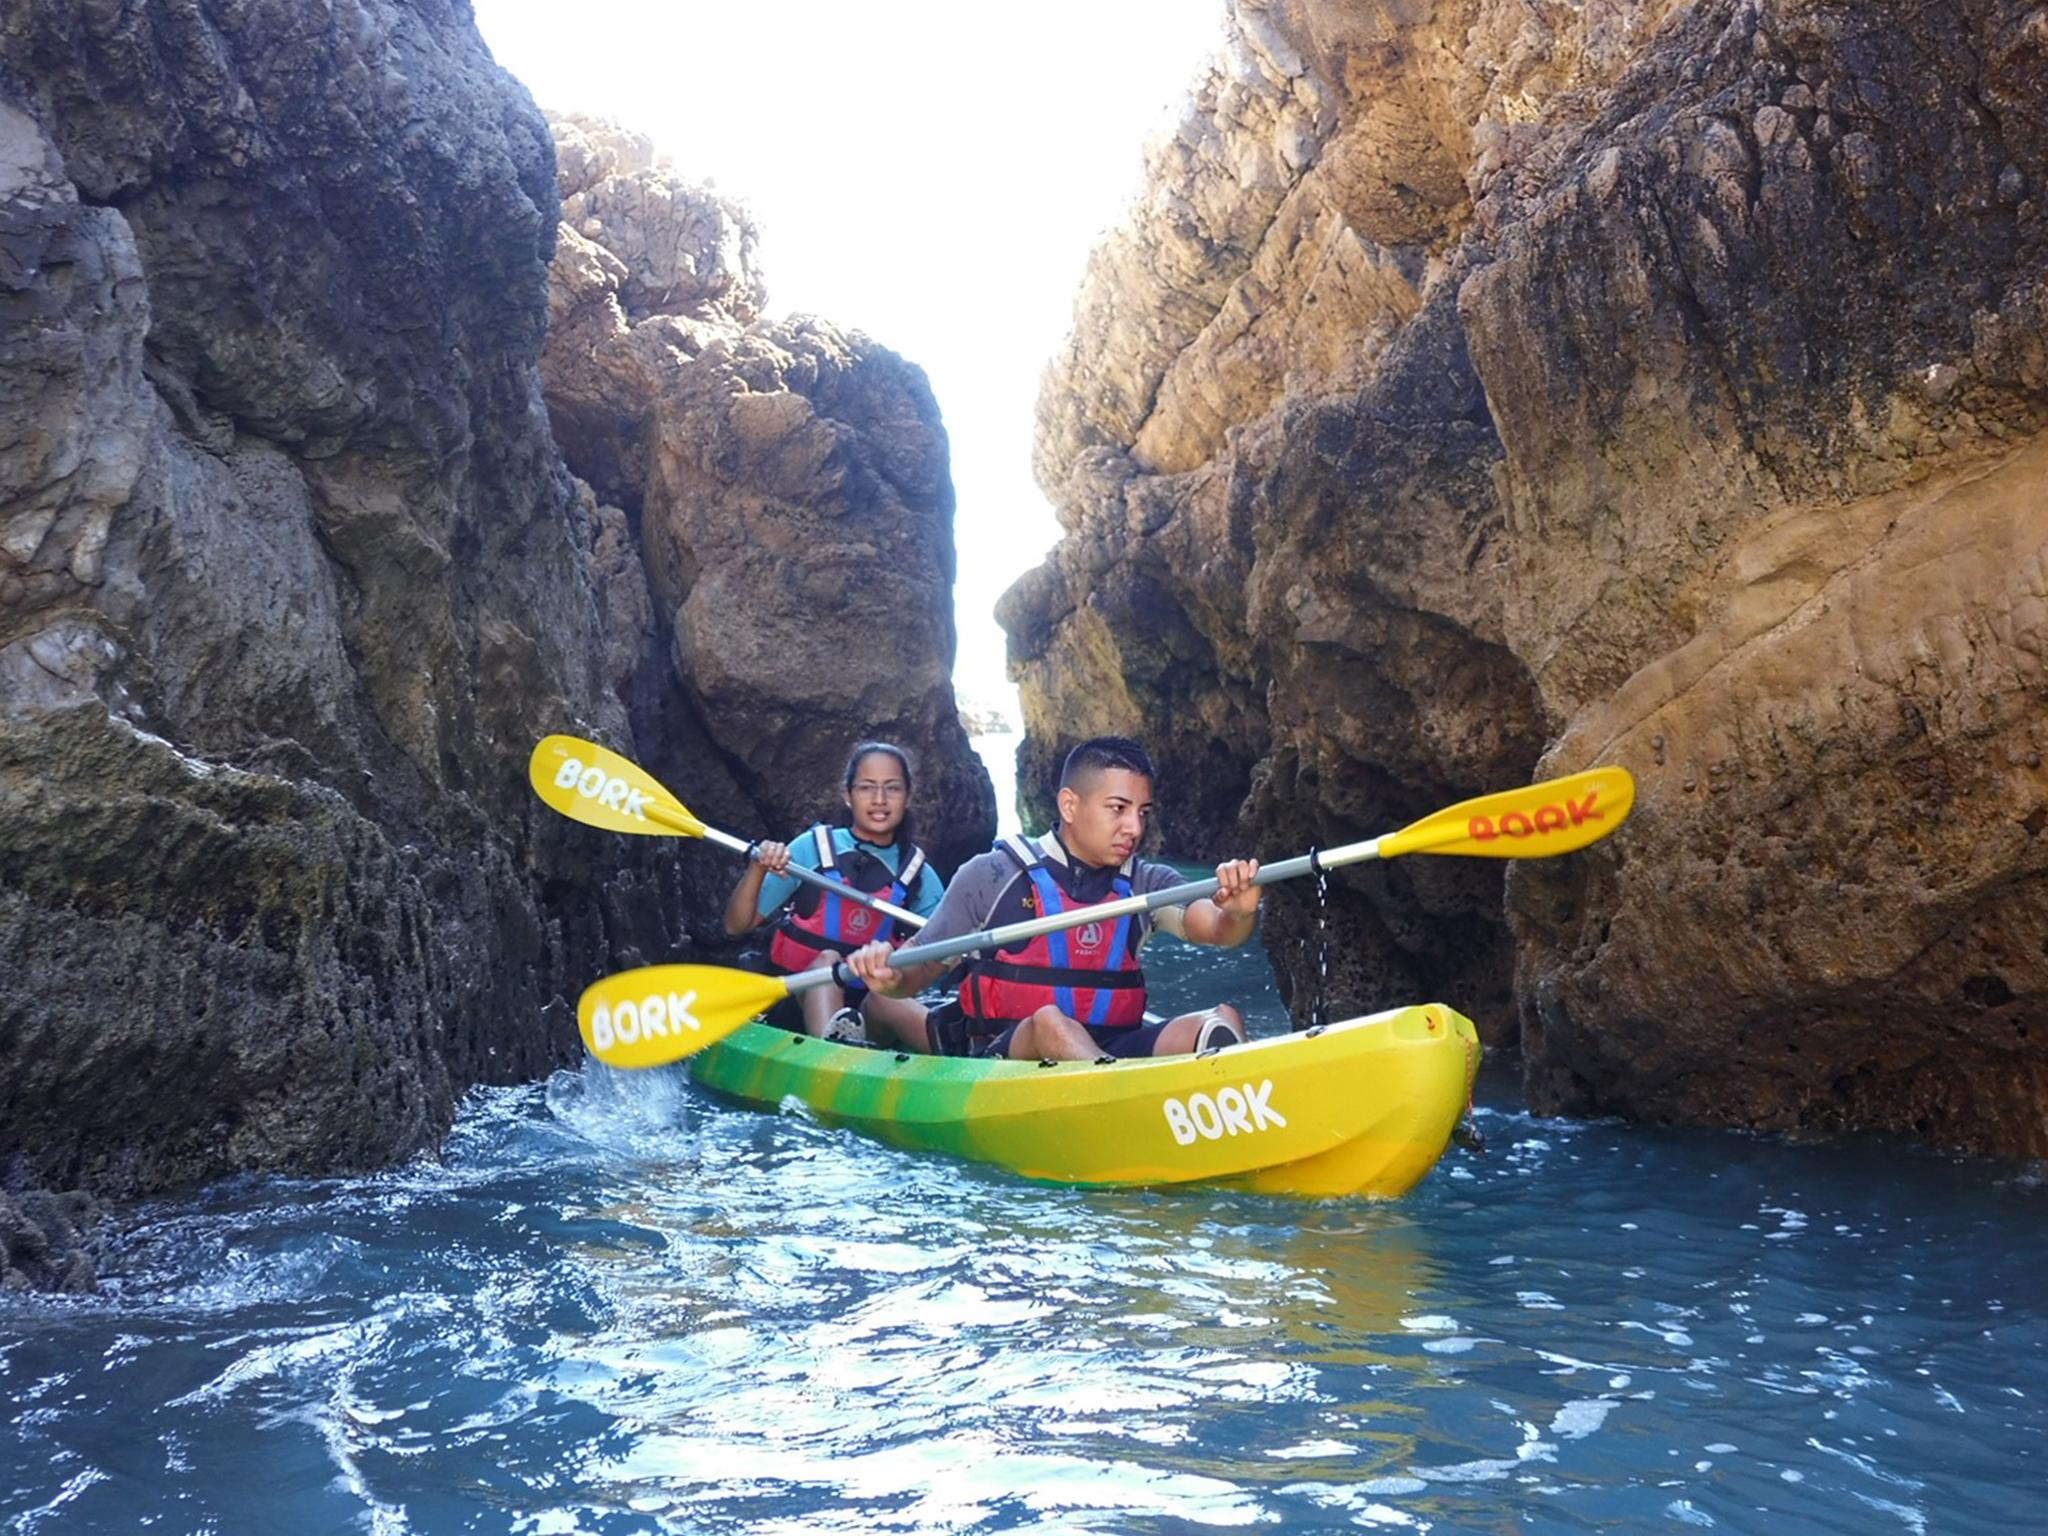 Actividades, Desporto, Kayak, Bork You